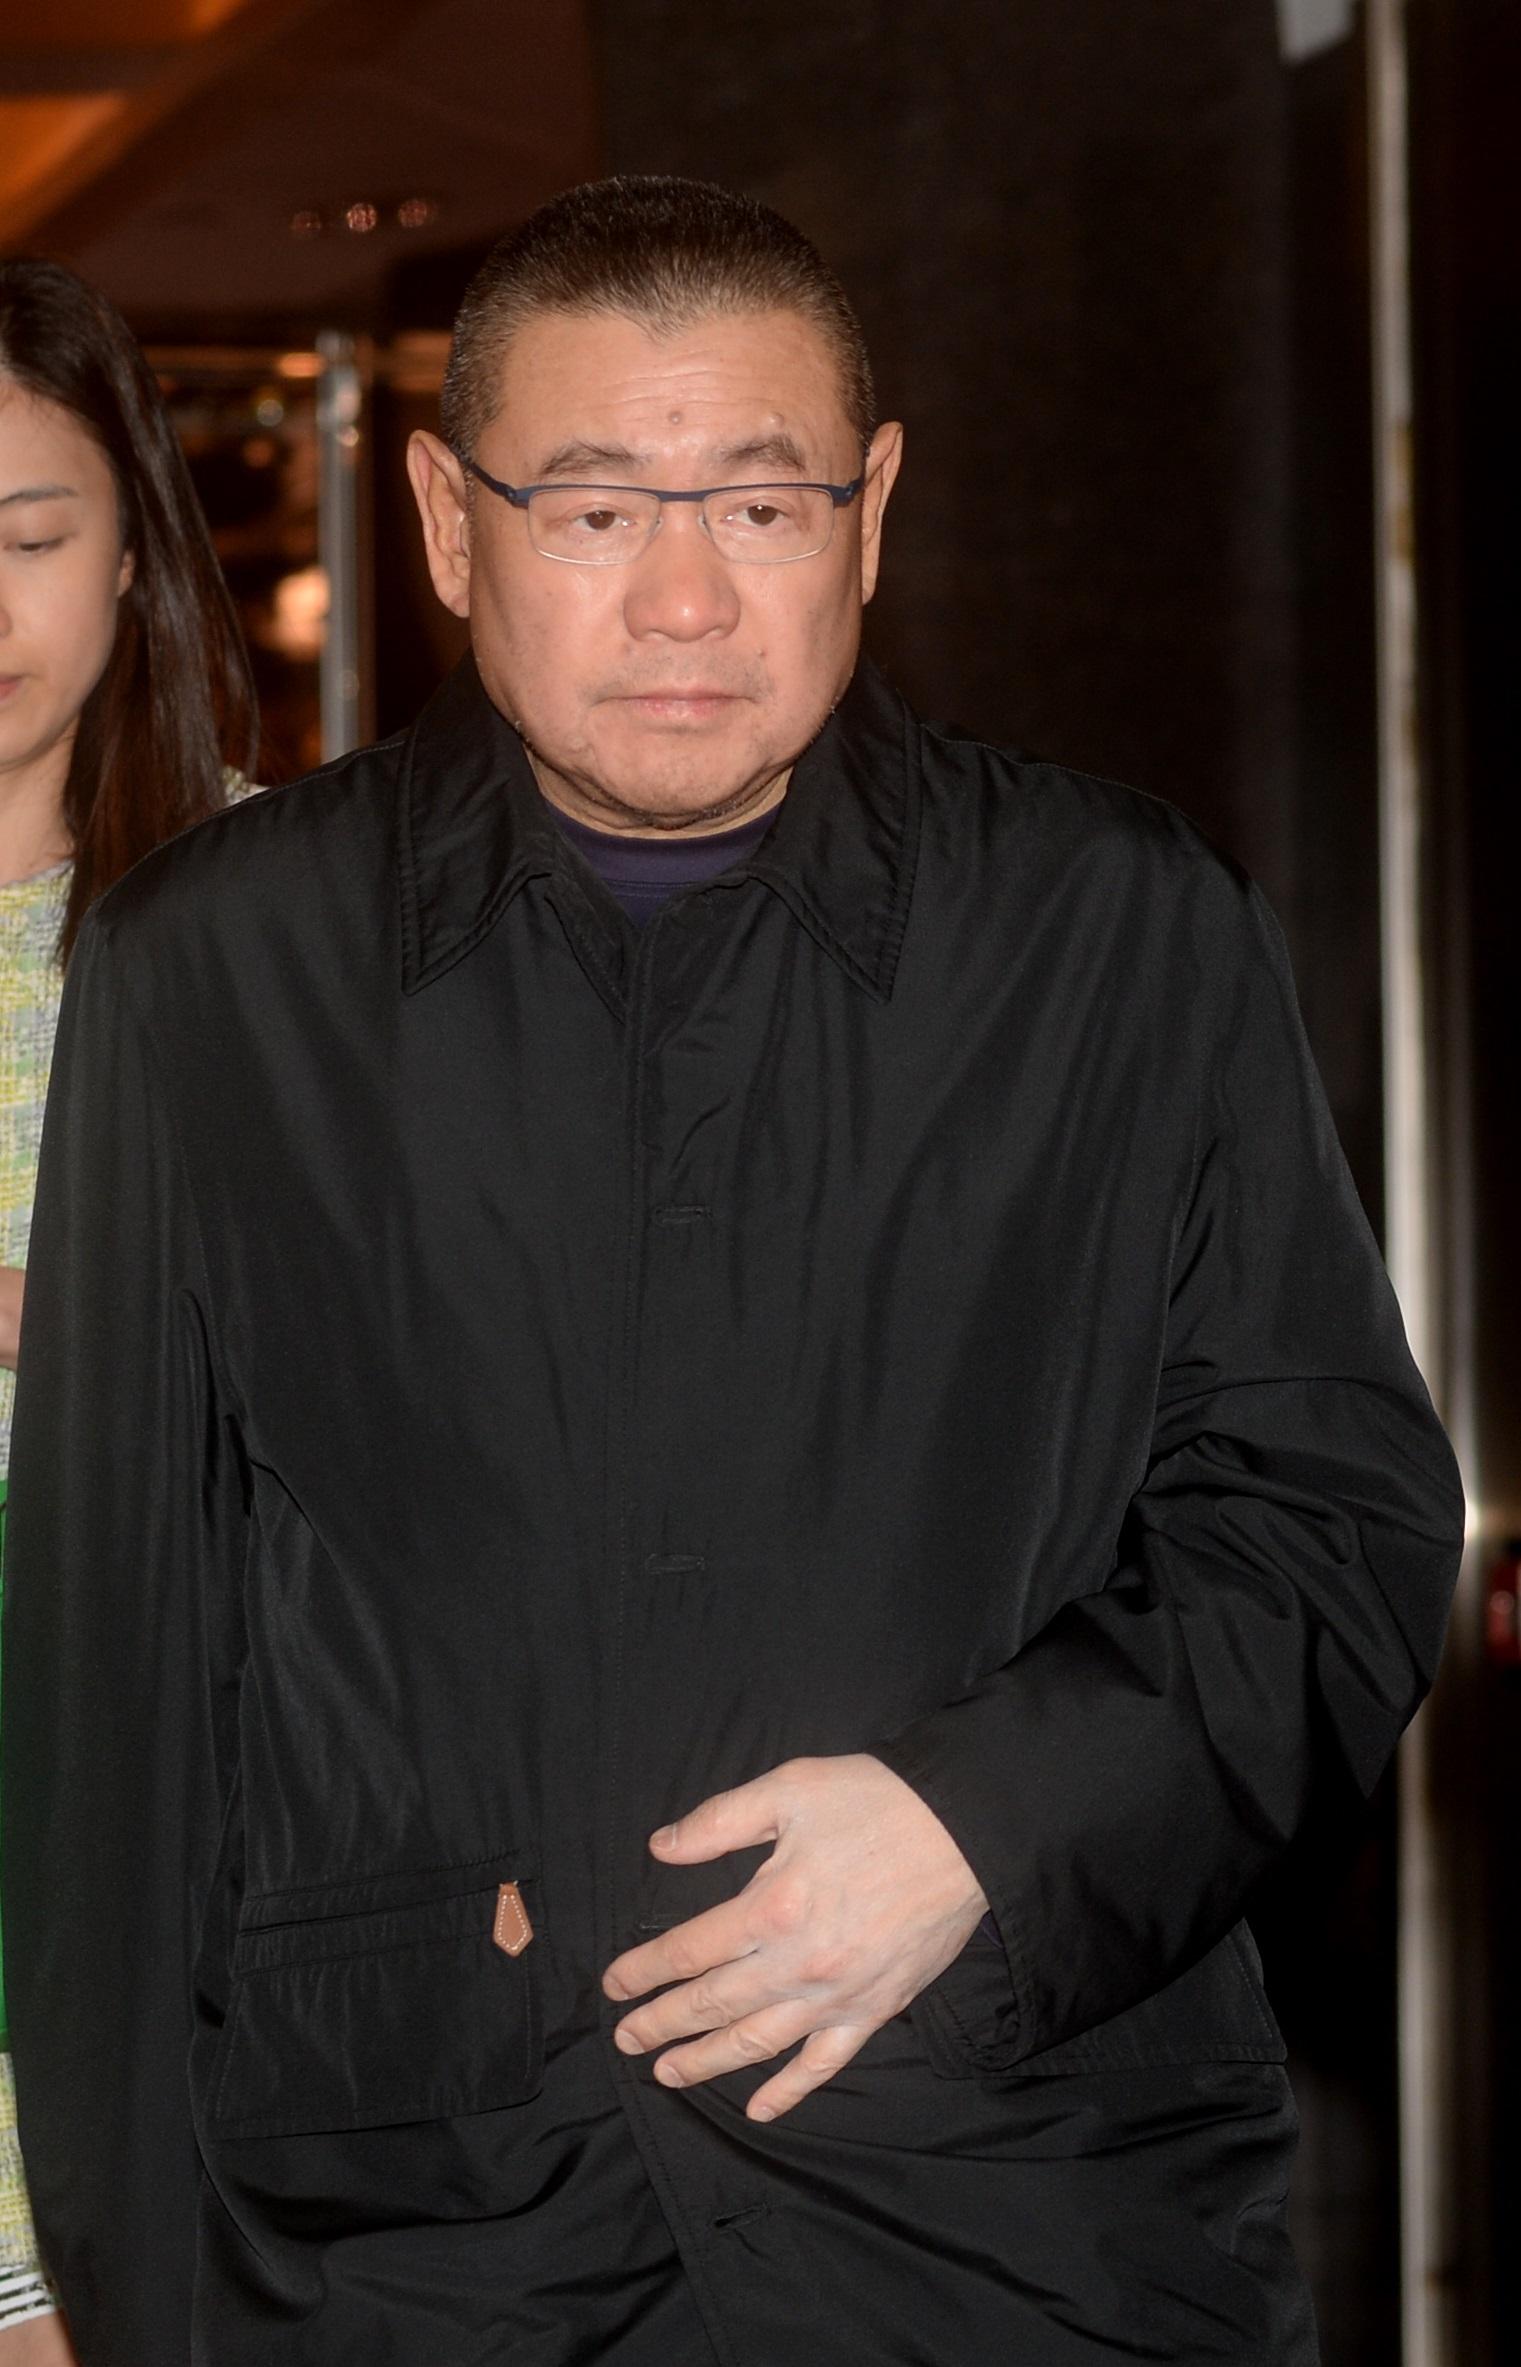 华人置业前主席刘銮雄就《逃犯条例》修订提覆核。资料图片